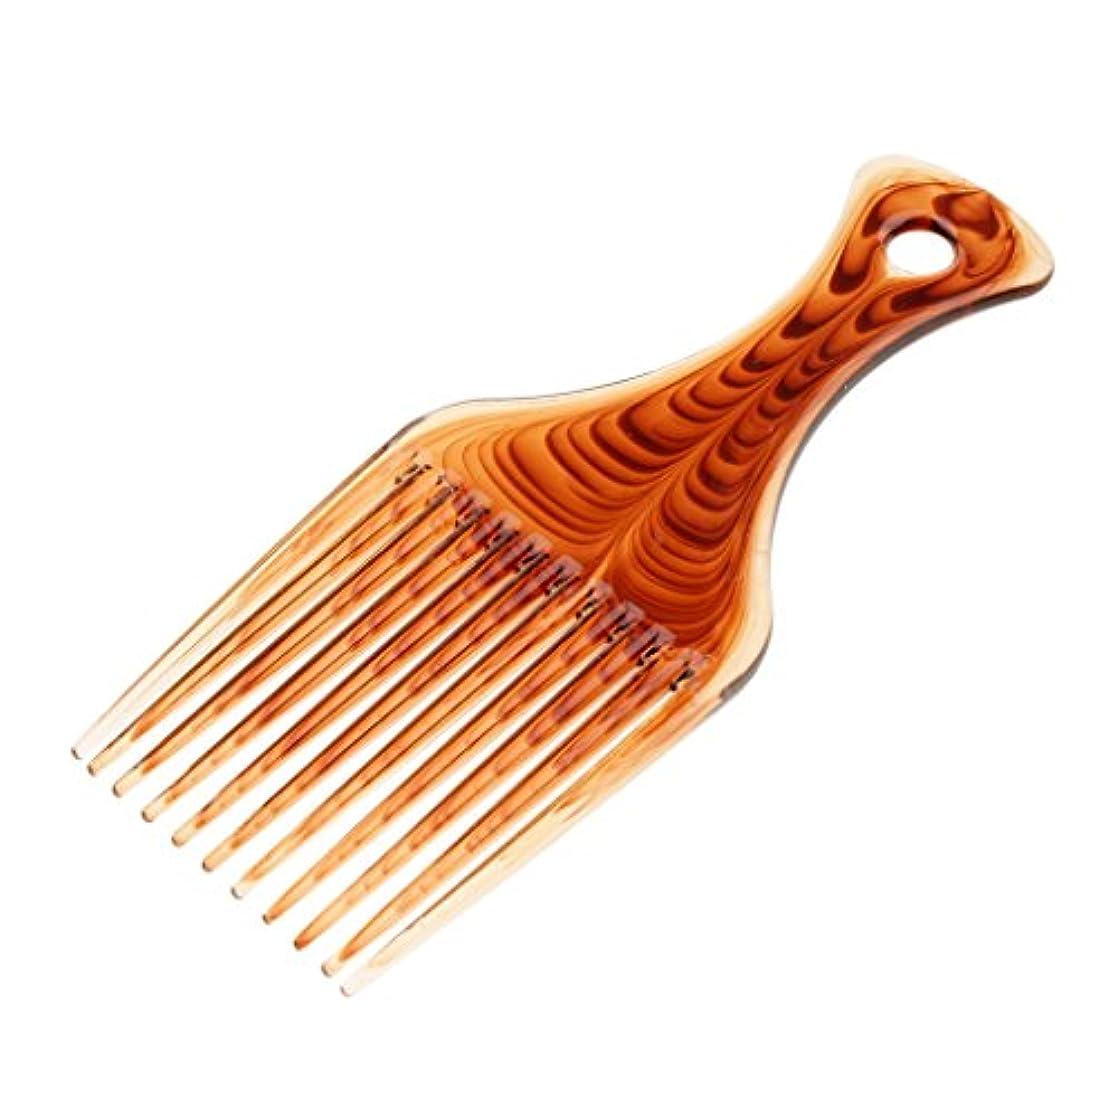 リーガン破壊する一般的にKesoto ヘアコーム ヘアブラシ くし プラスチック製 アフロ 髪の櫛 かつらにも適用 スタイリング 持ち上げ ヘアブラシ